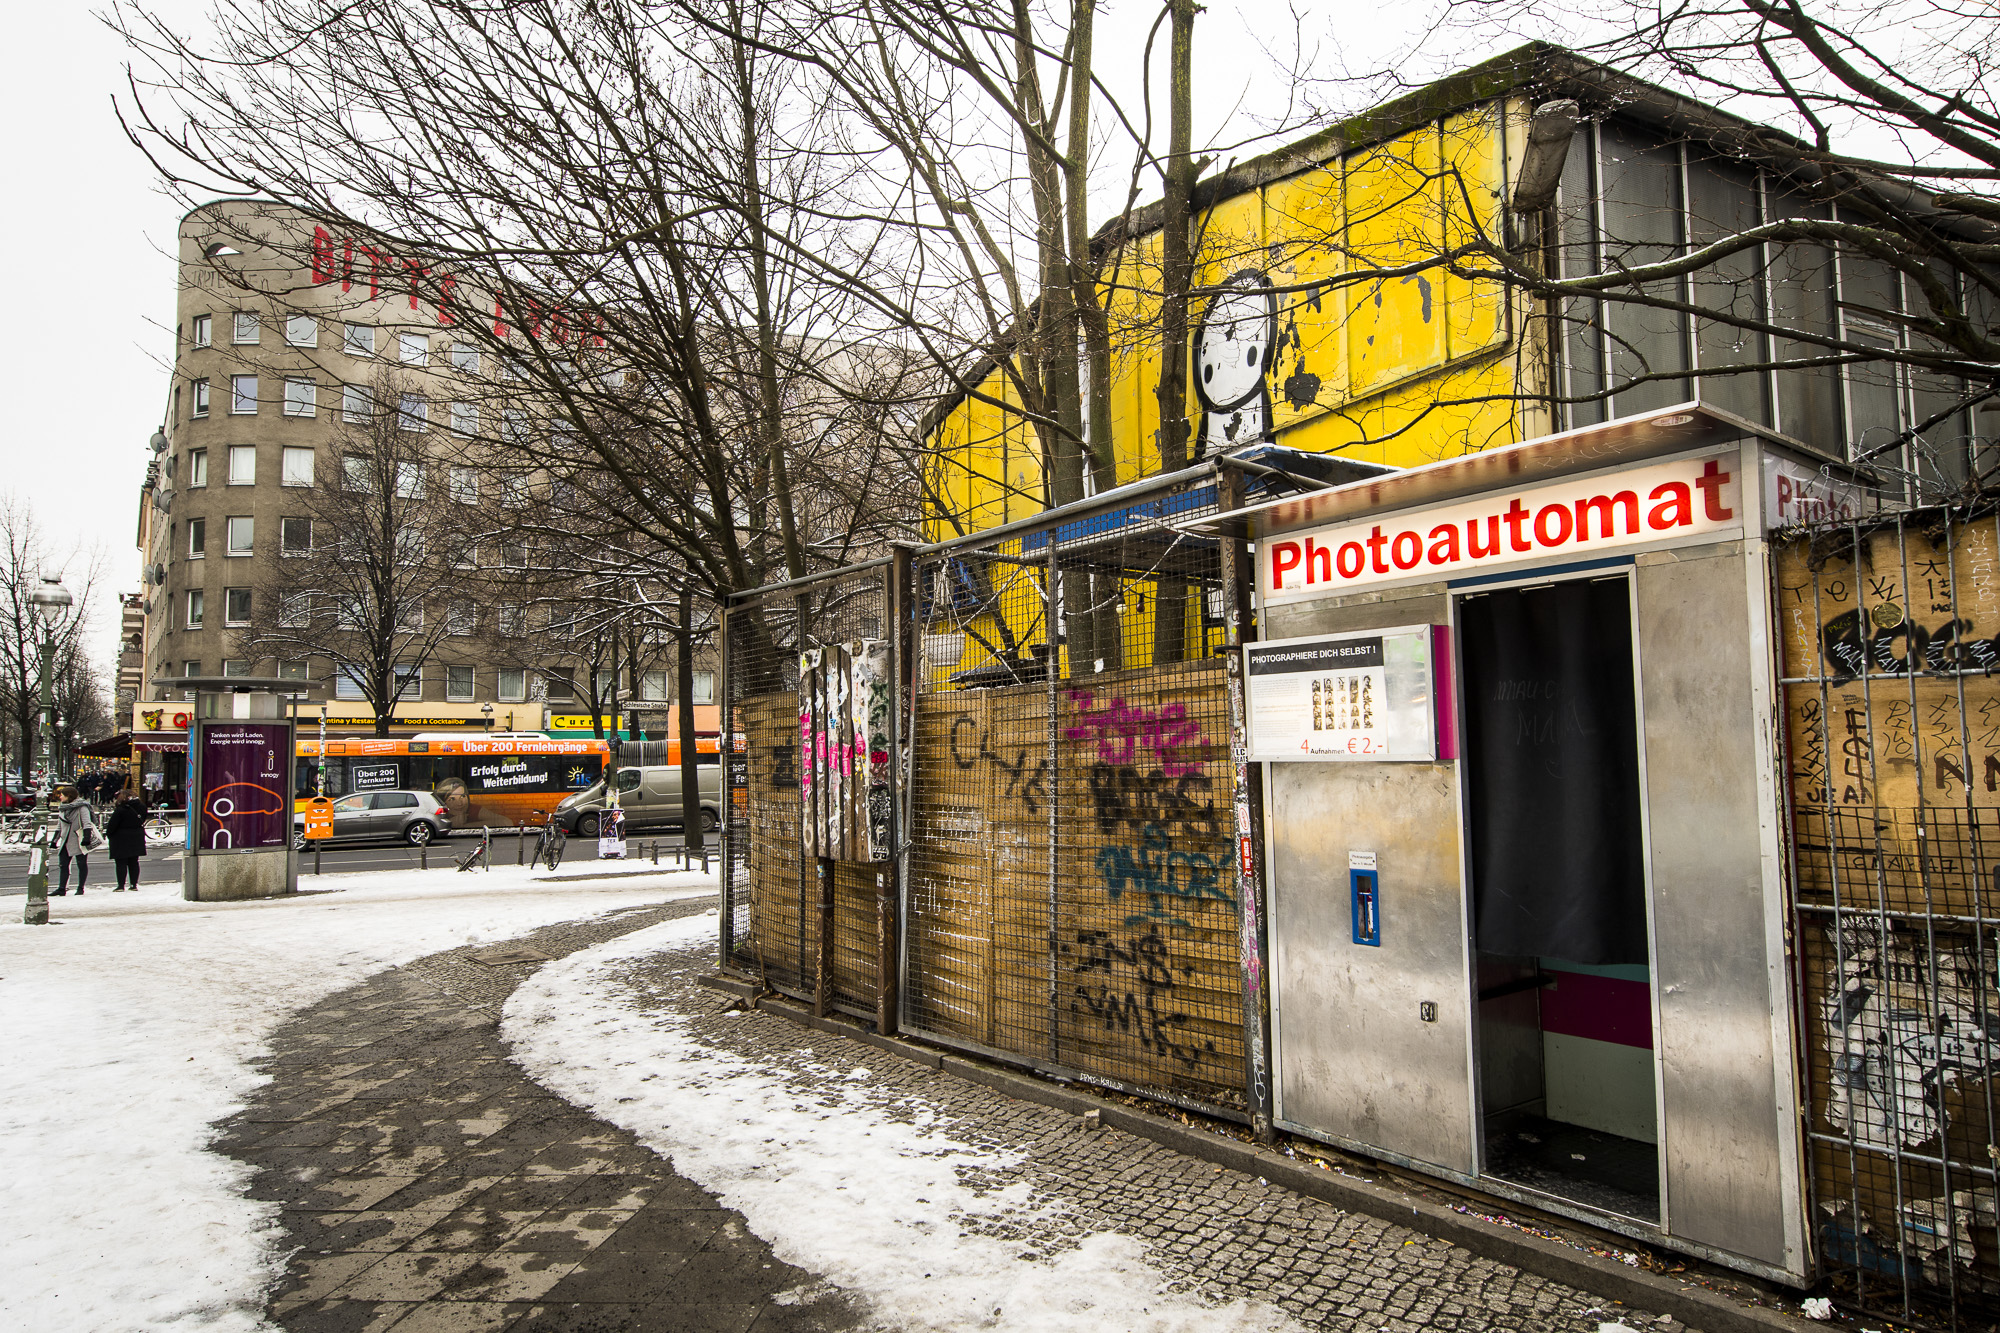 Schlesische Straße  PHOTOGRAPHY: ALEXANDER J.E. BRADLEY • NIKON D500 • AF-S NIKKOR 14-24MM F/2.8G ED @ 14MM • F/8 • 1/50 • ISO 100